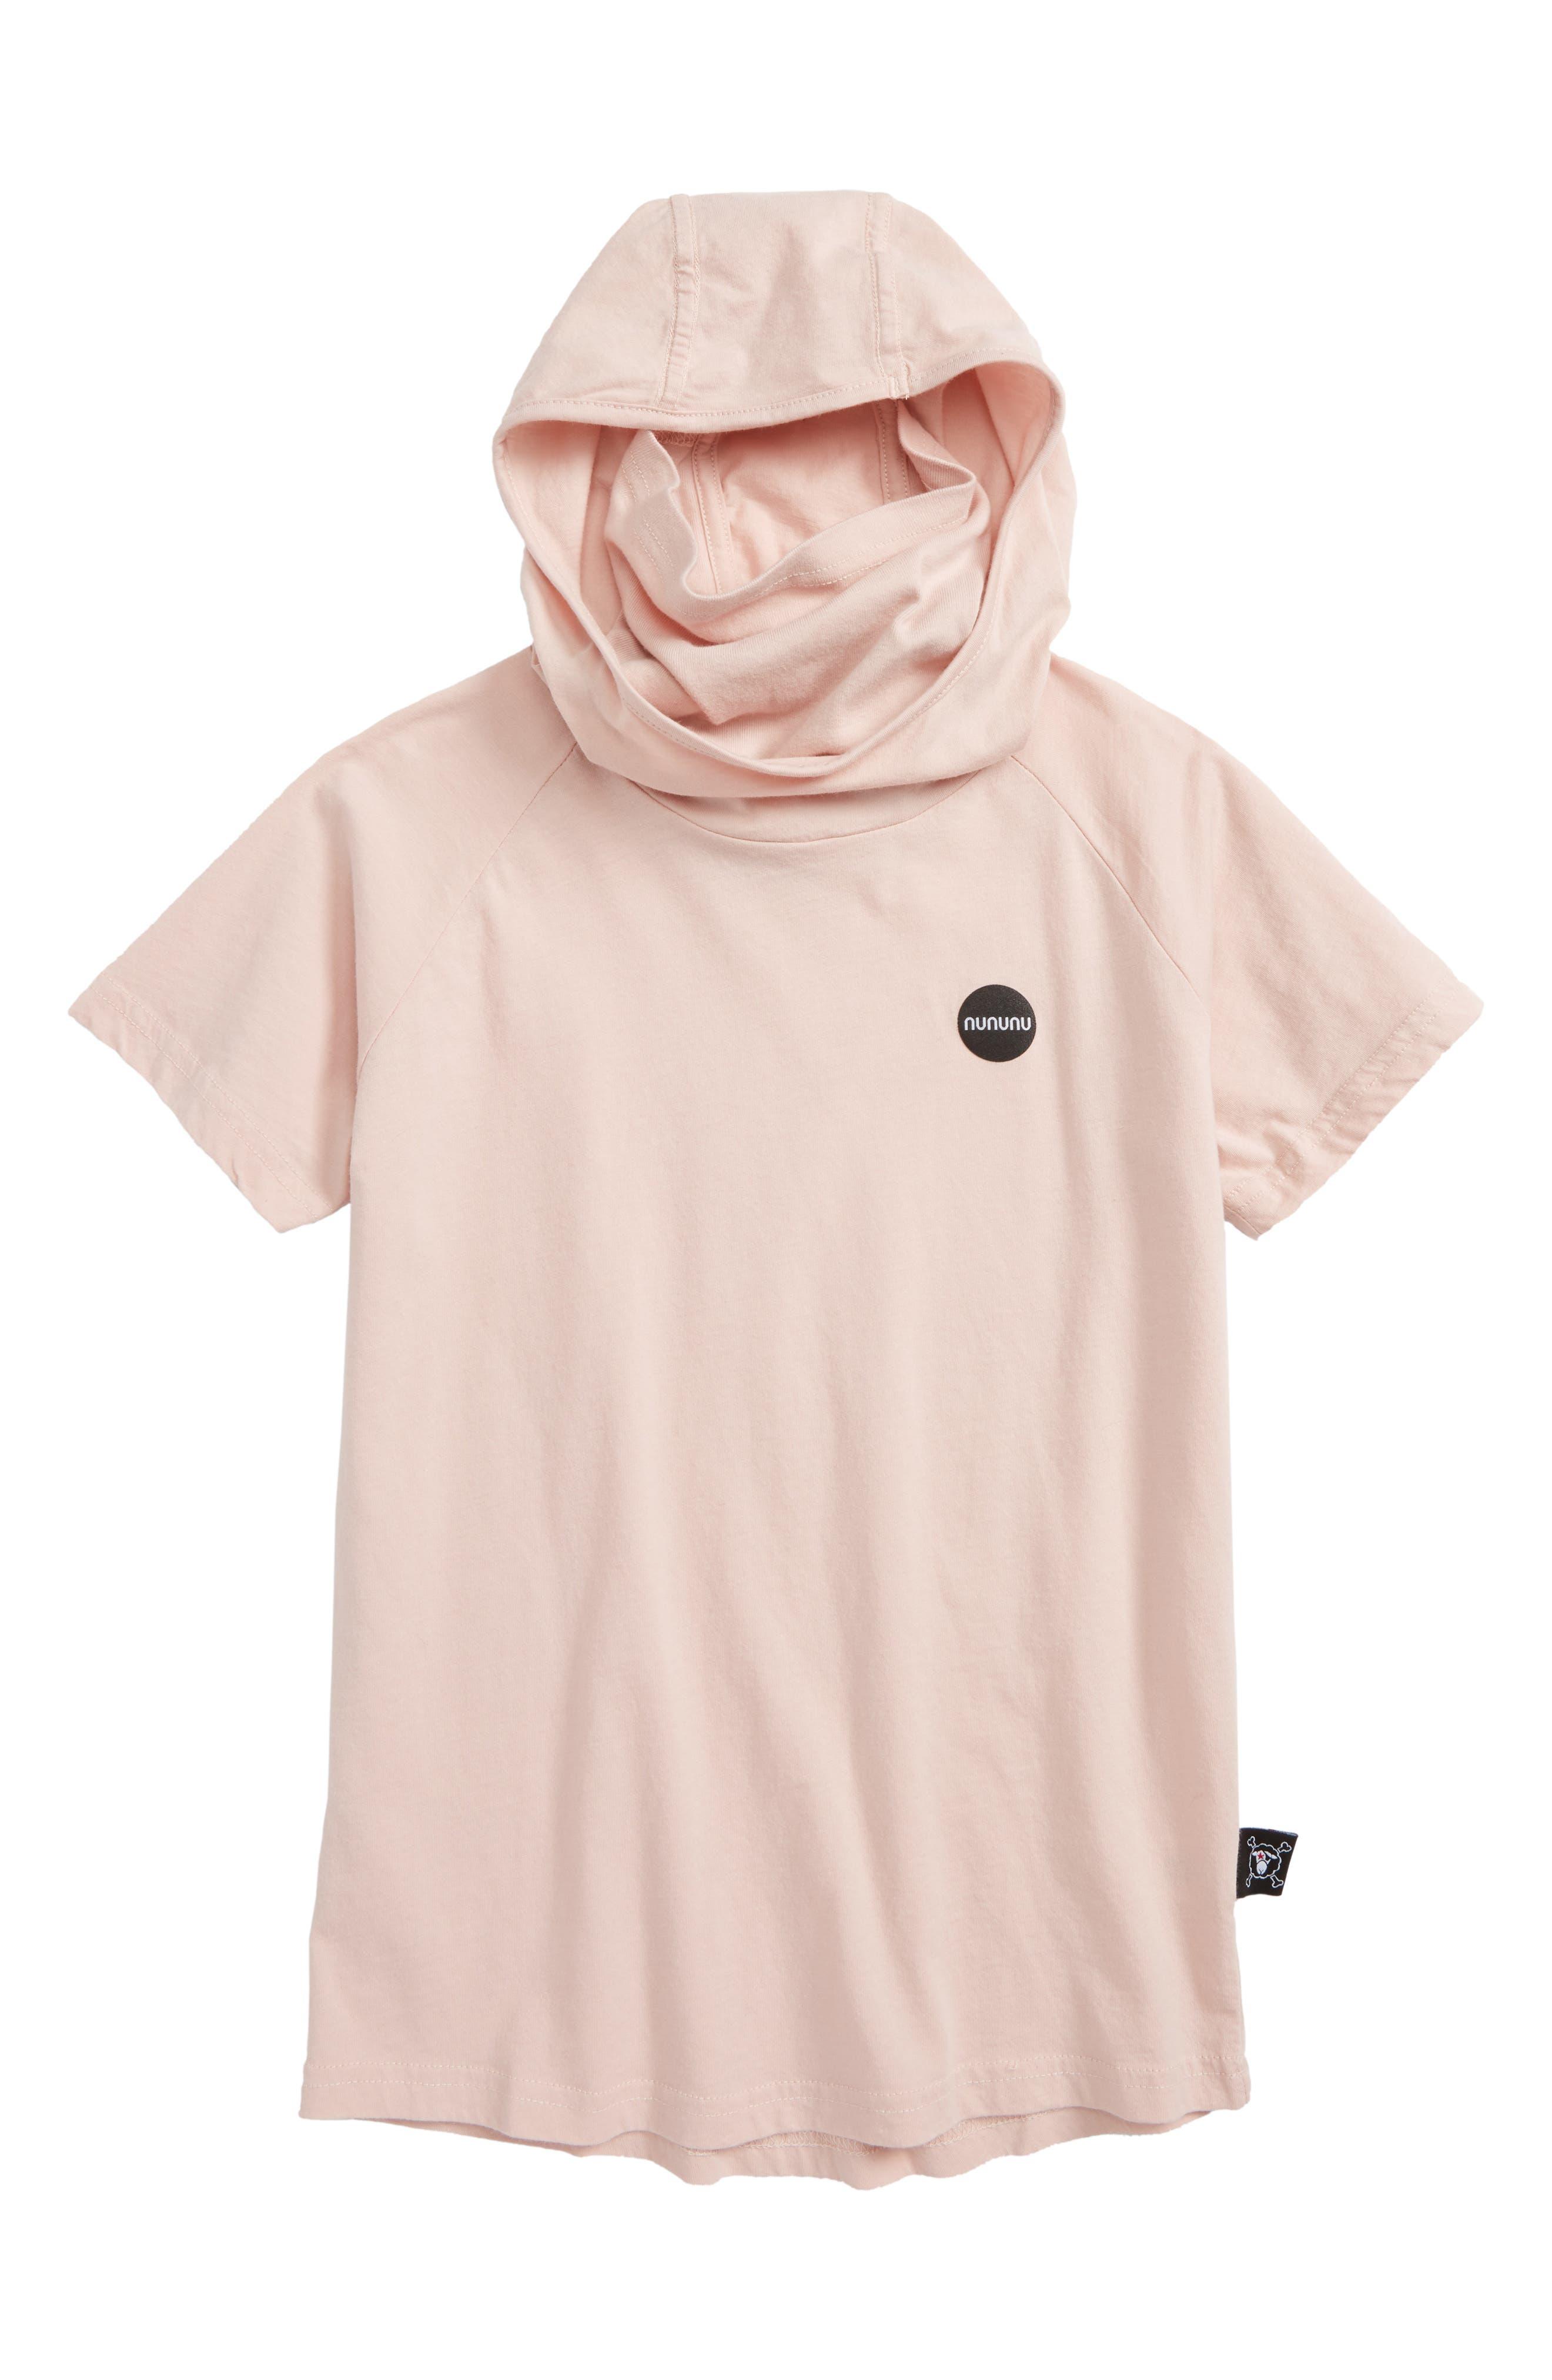 Ninja Hooded T-Shirt,                             Main thumbnail 1, color,                             Powder Pink